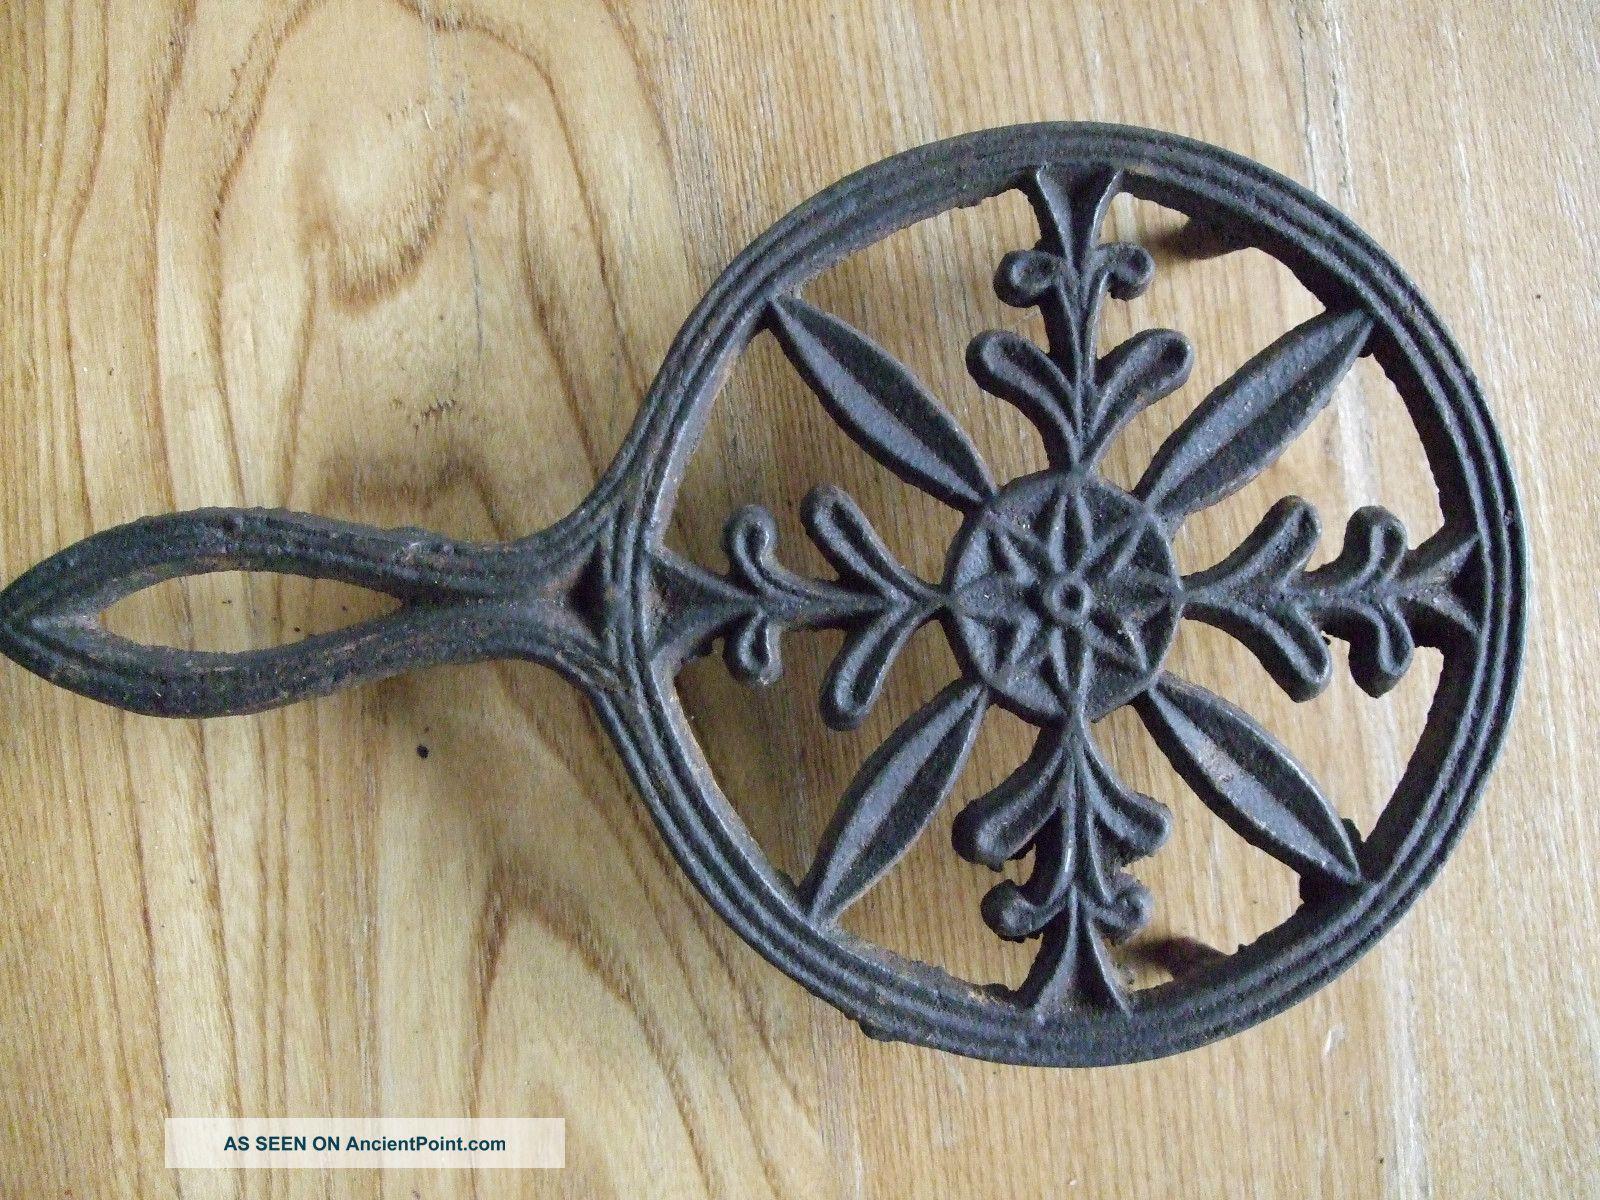 Antique Round Cast Iron Trivet Sad Handle Vintage Primitive Vtg Rustic Trivets photo